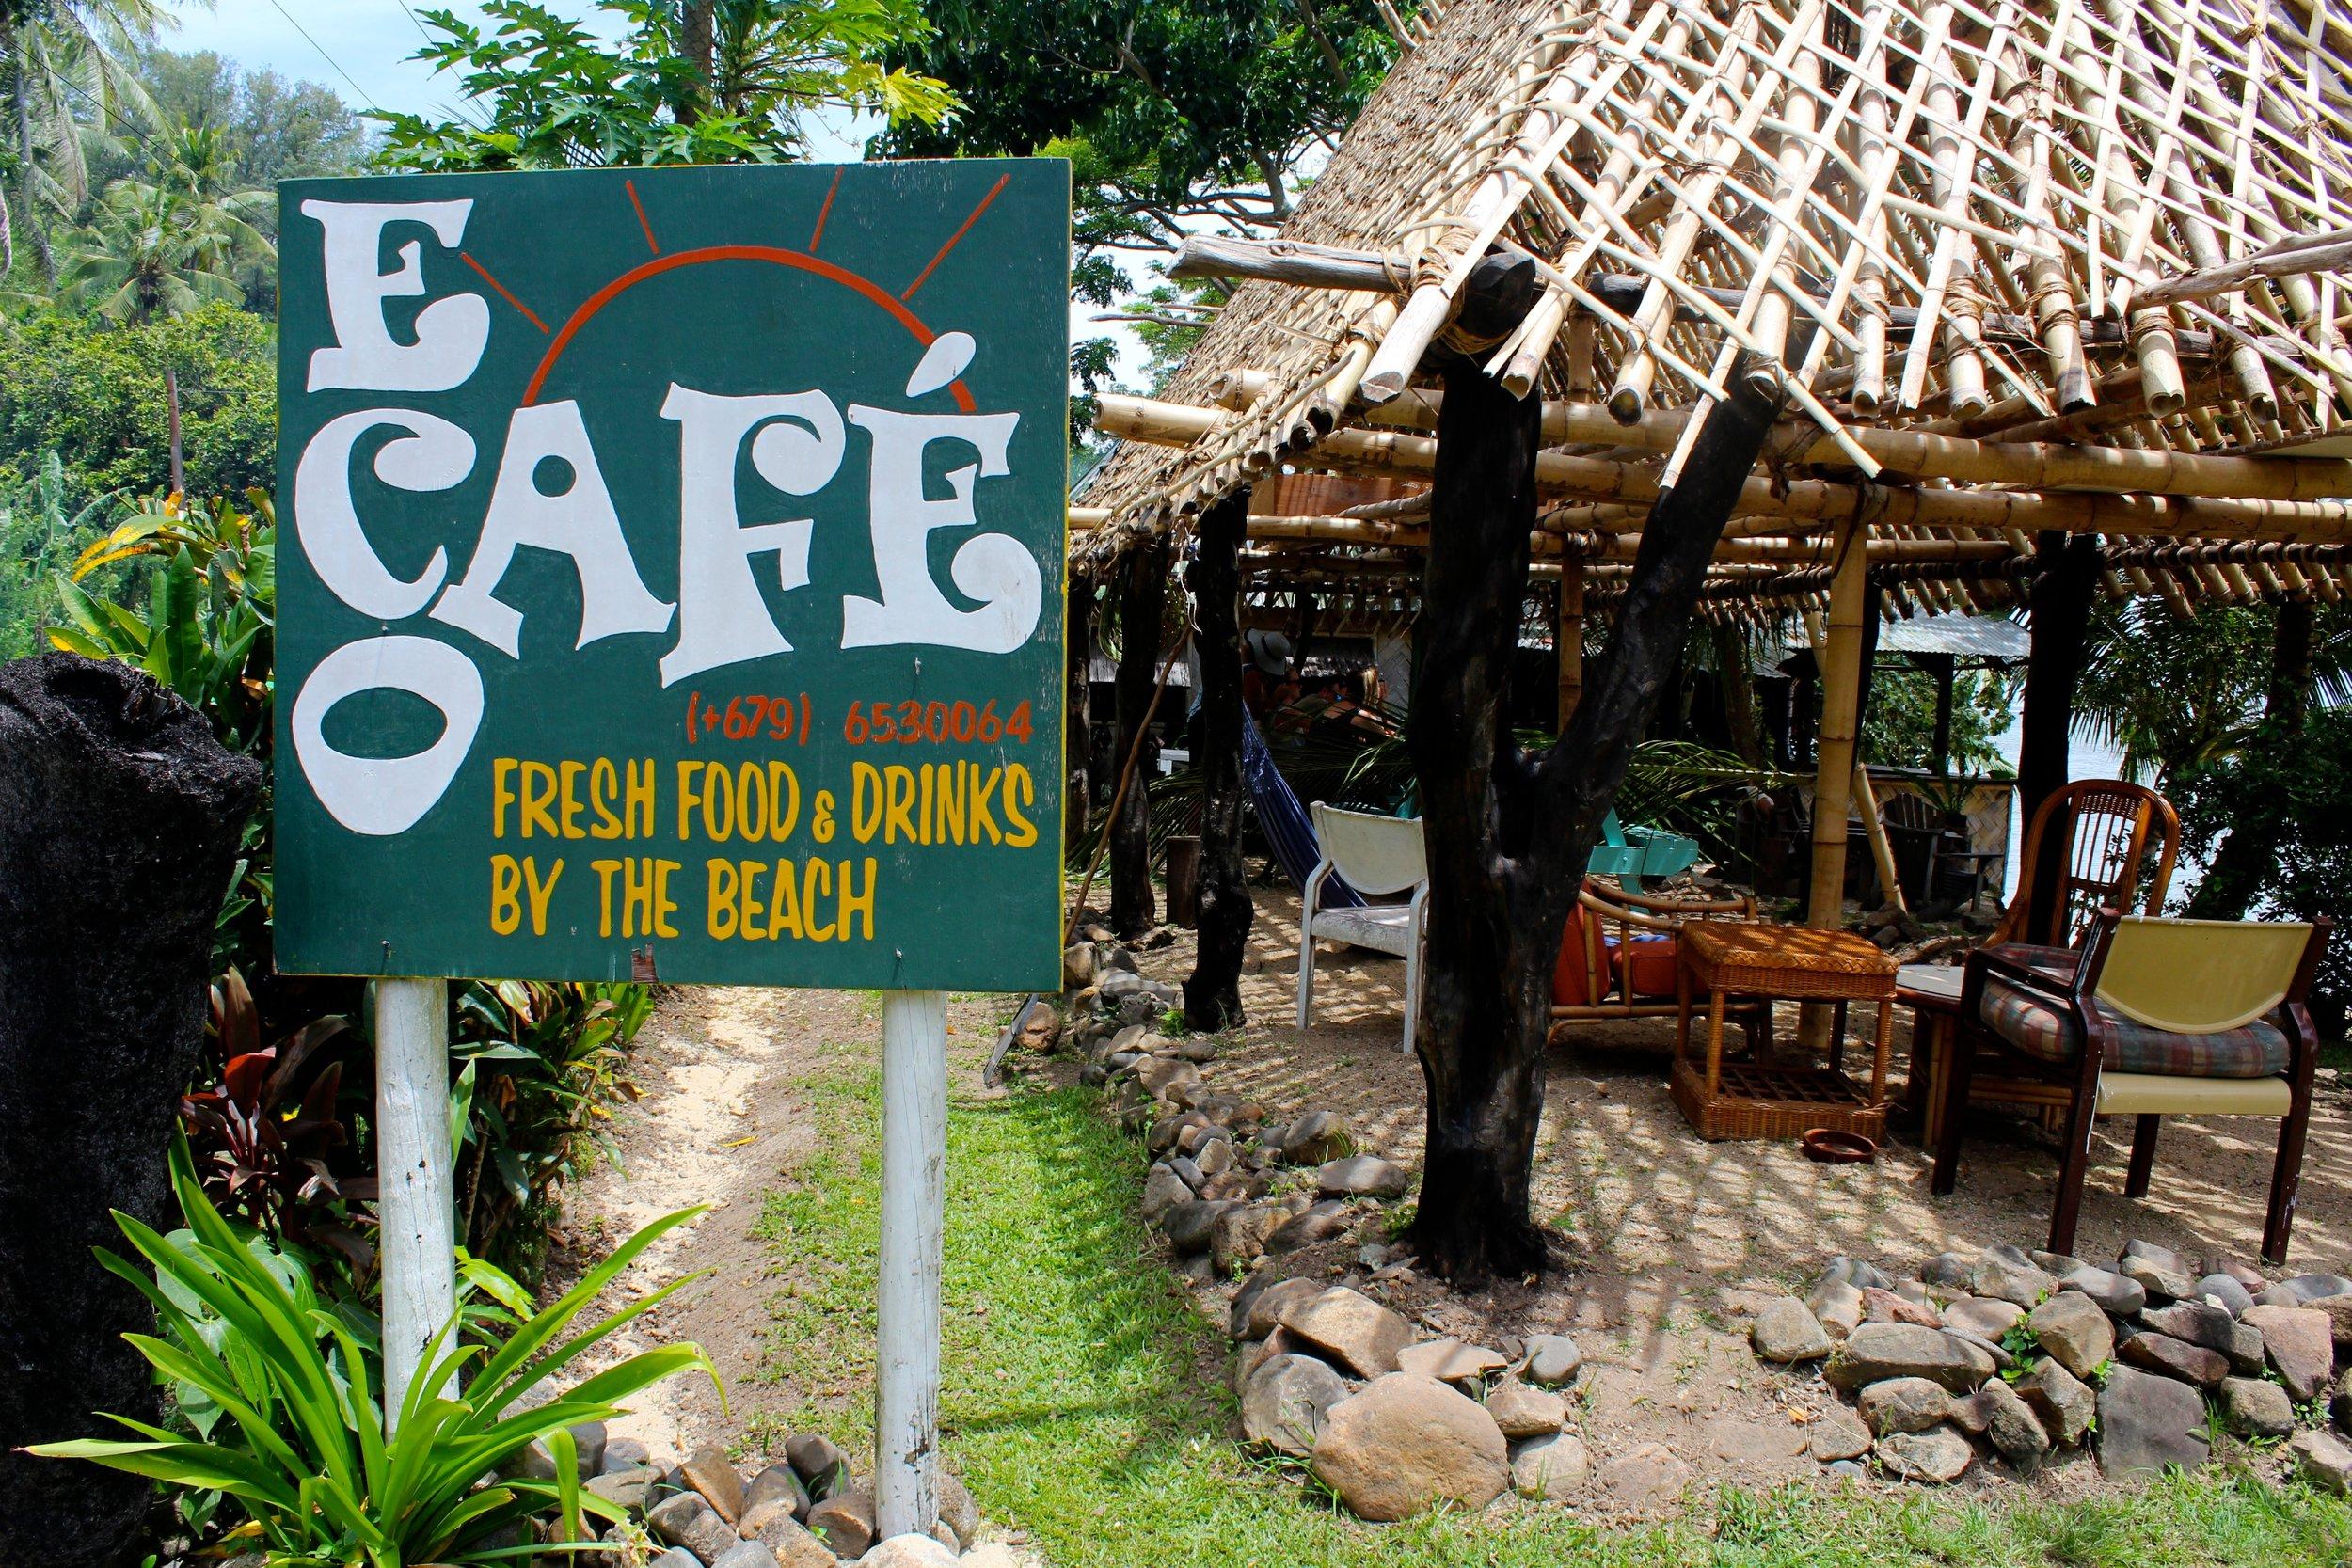 EcoCafe sign